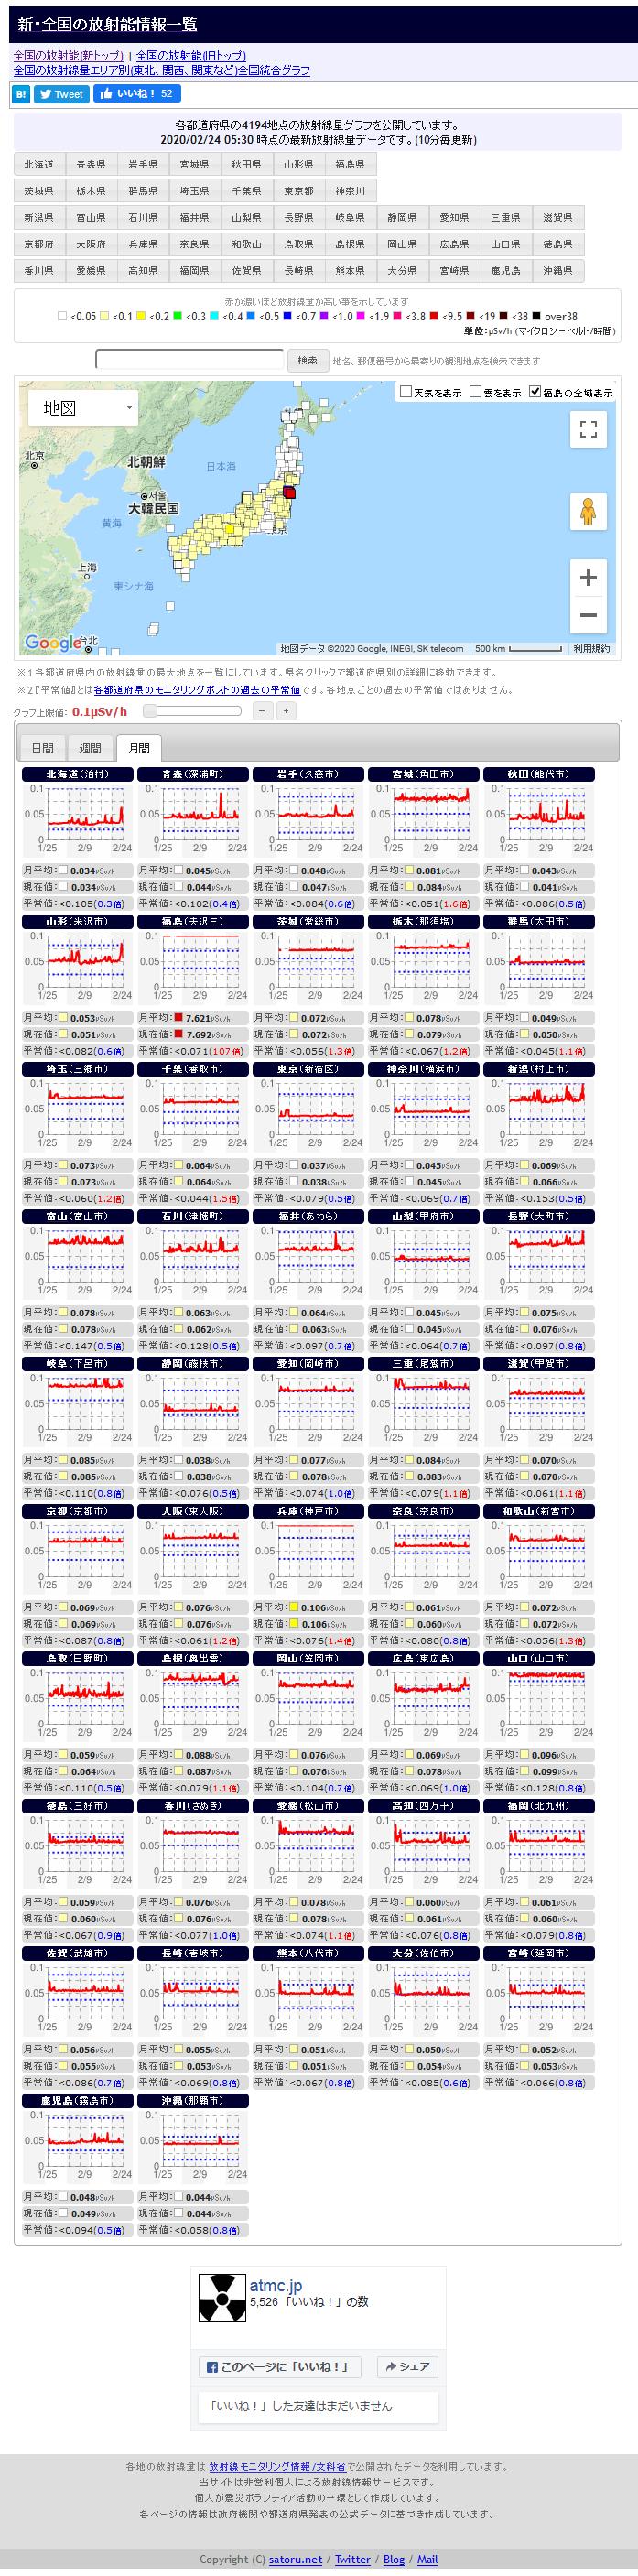 日本地図 福島原発漏洩はまだ続いていた2020年2月24日